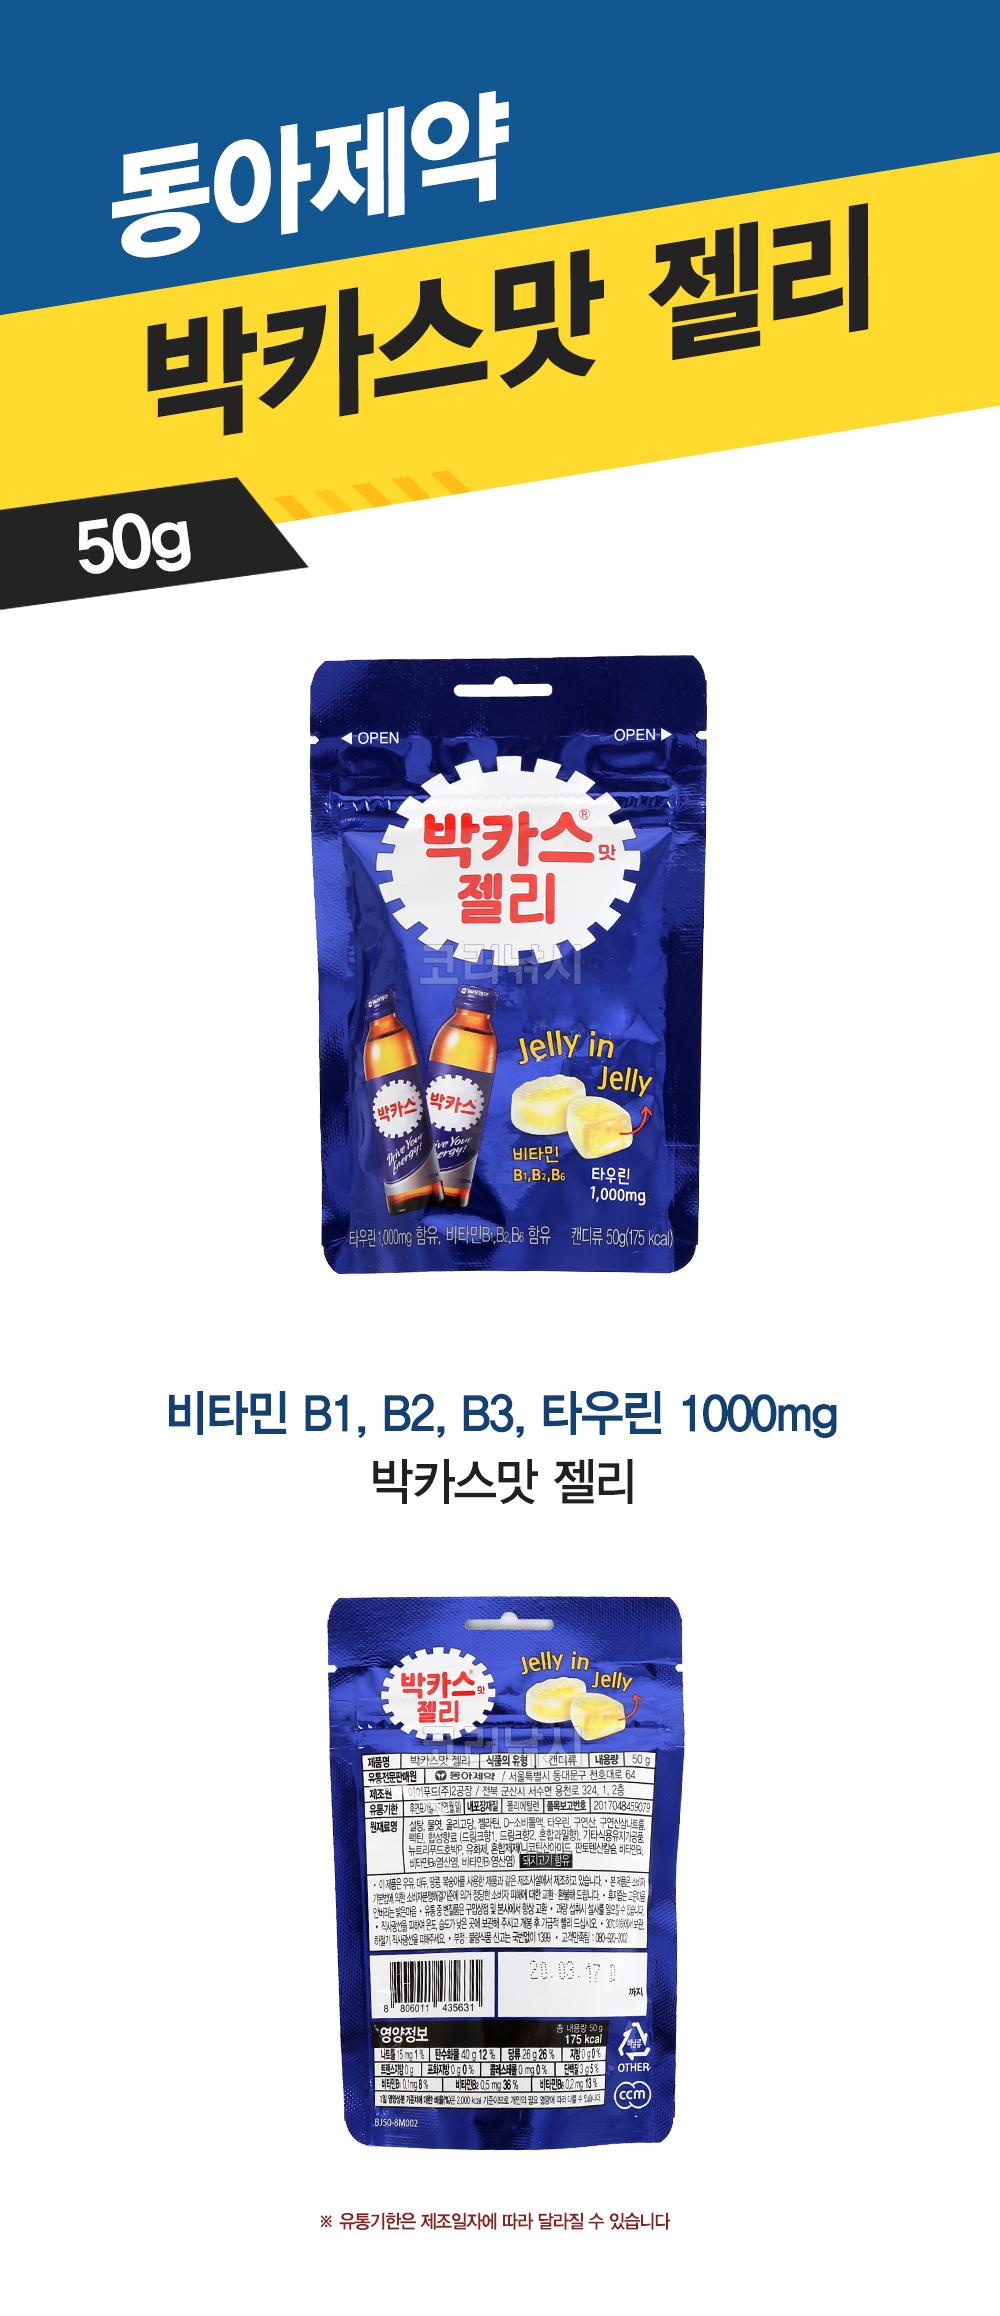 동아제약 박카스맛 젤리 50g 과자 껌 초콜릿 초콜렛 비스켓